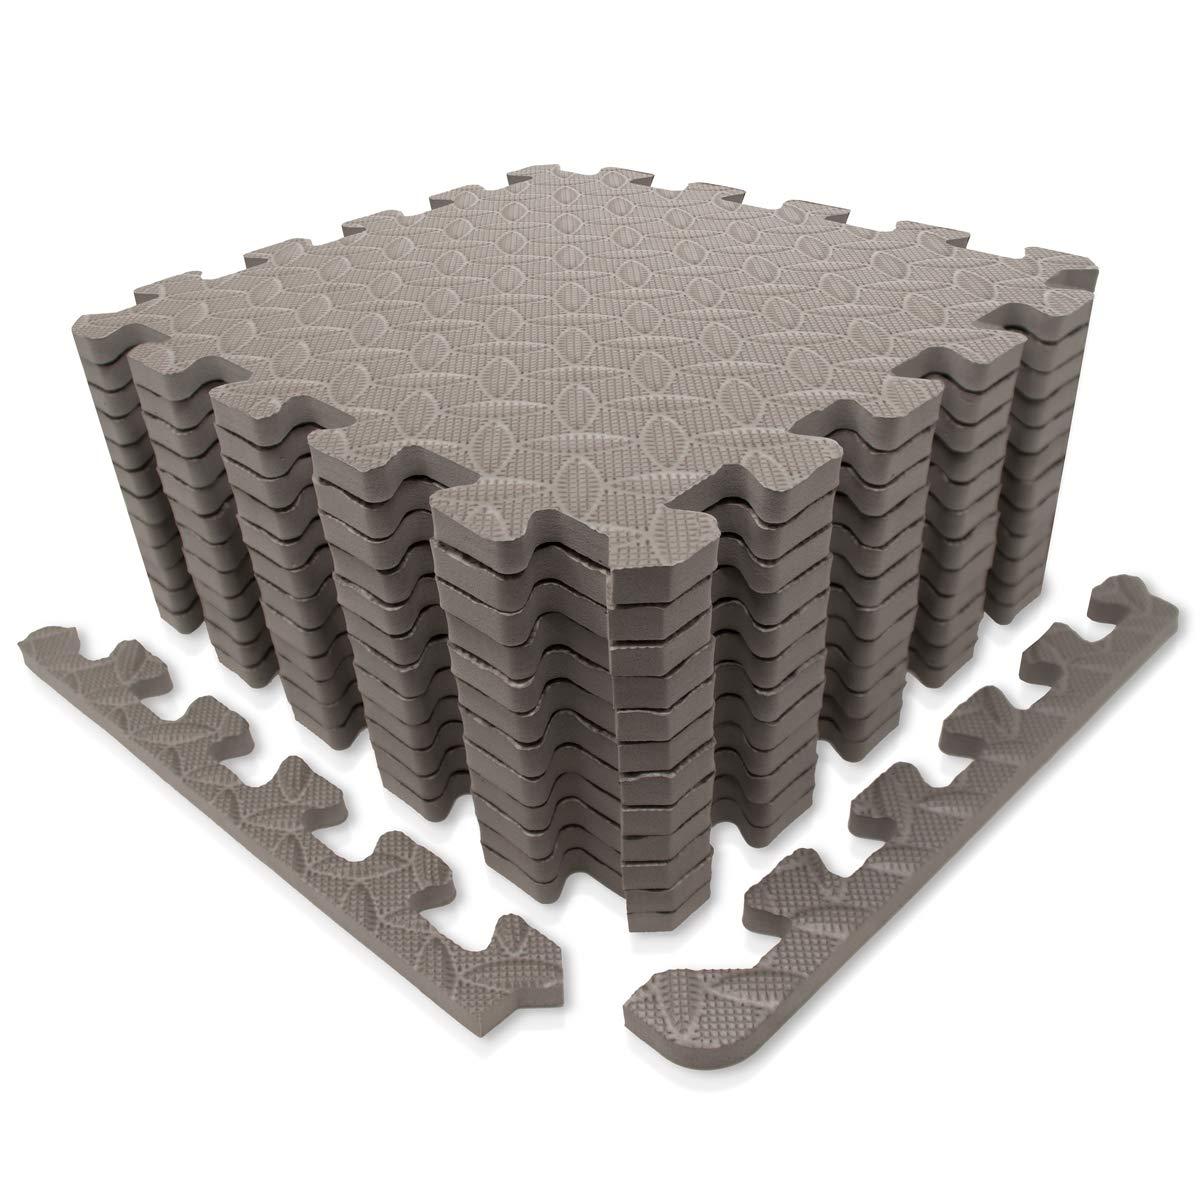 本物保証!  9ホーン エクササイズマット (~12sqf) 12/保護フロアマット EVAフォームインターロックタイルとエッジピース付き ジム機器、ヨガ、表面保護 12 Tiles グレー (~12sqf) パープル B07CZ1FSYL グレー 12 Tiles (~12sqf) 12 Tiles (~12sqf)|グレー, GOKIGEN:5db6c1d9 --- arianechie.dominiotemporario.com